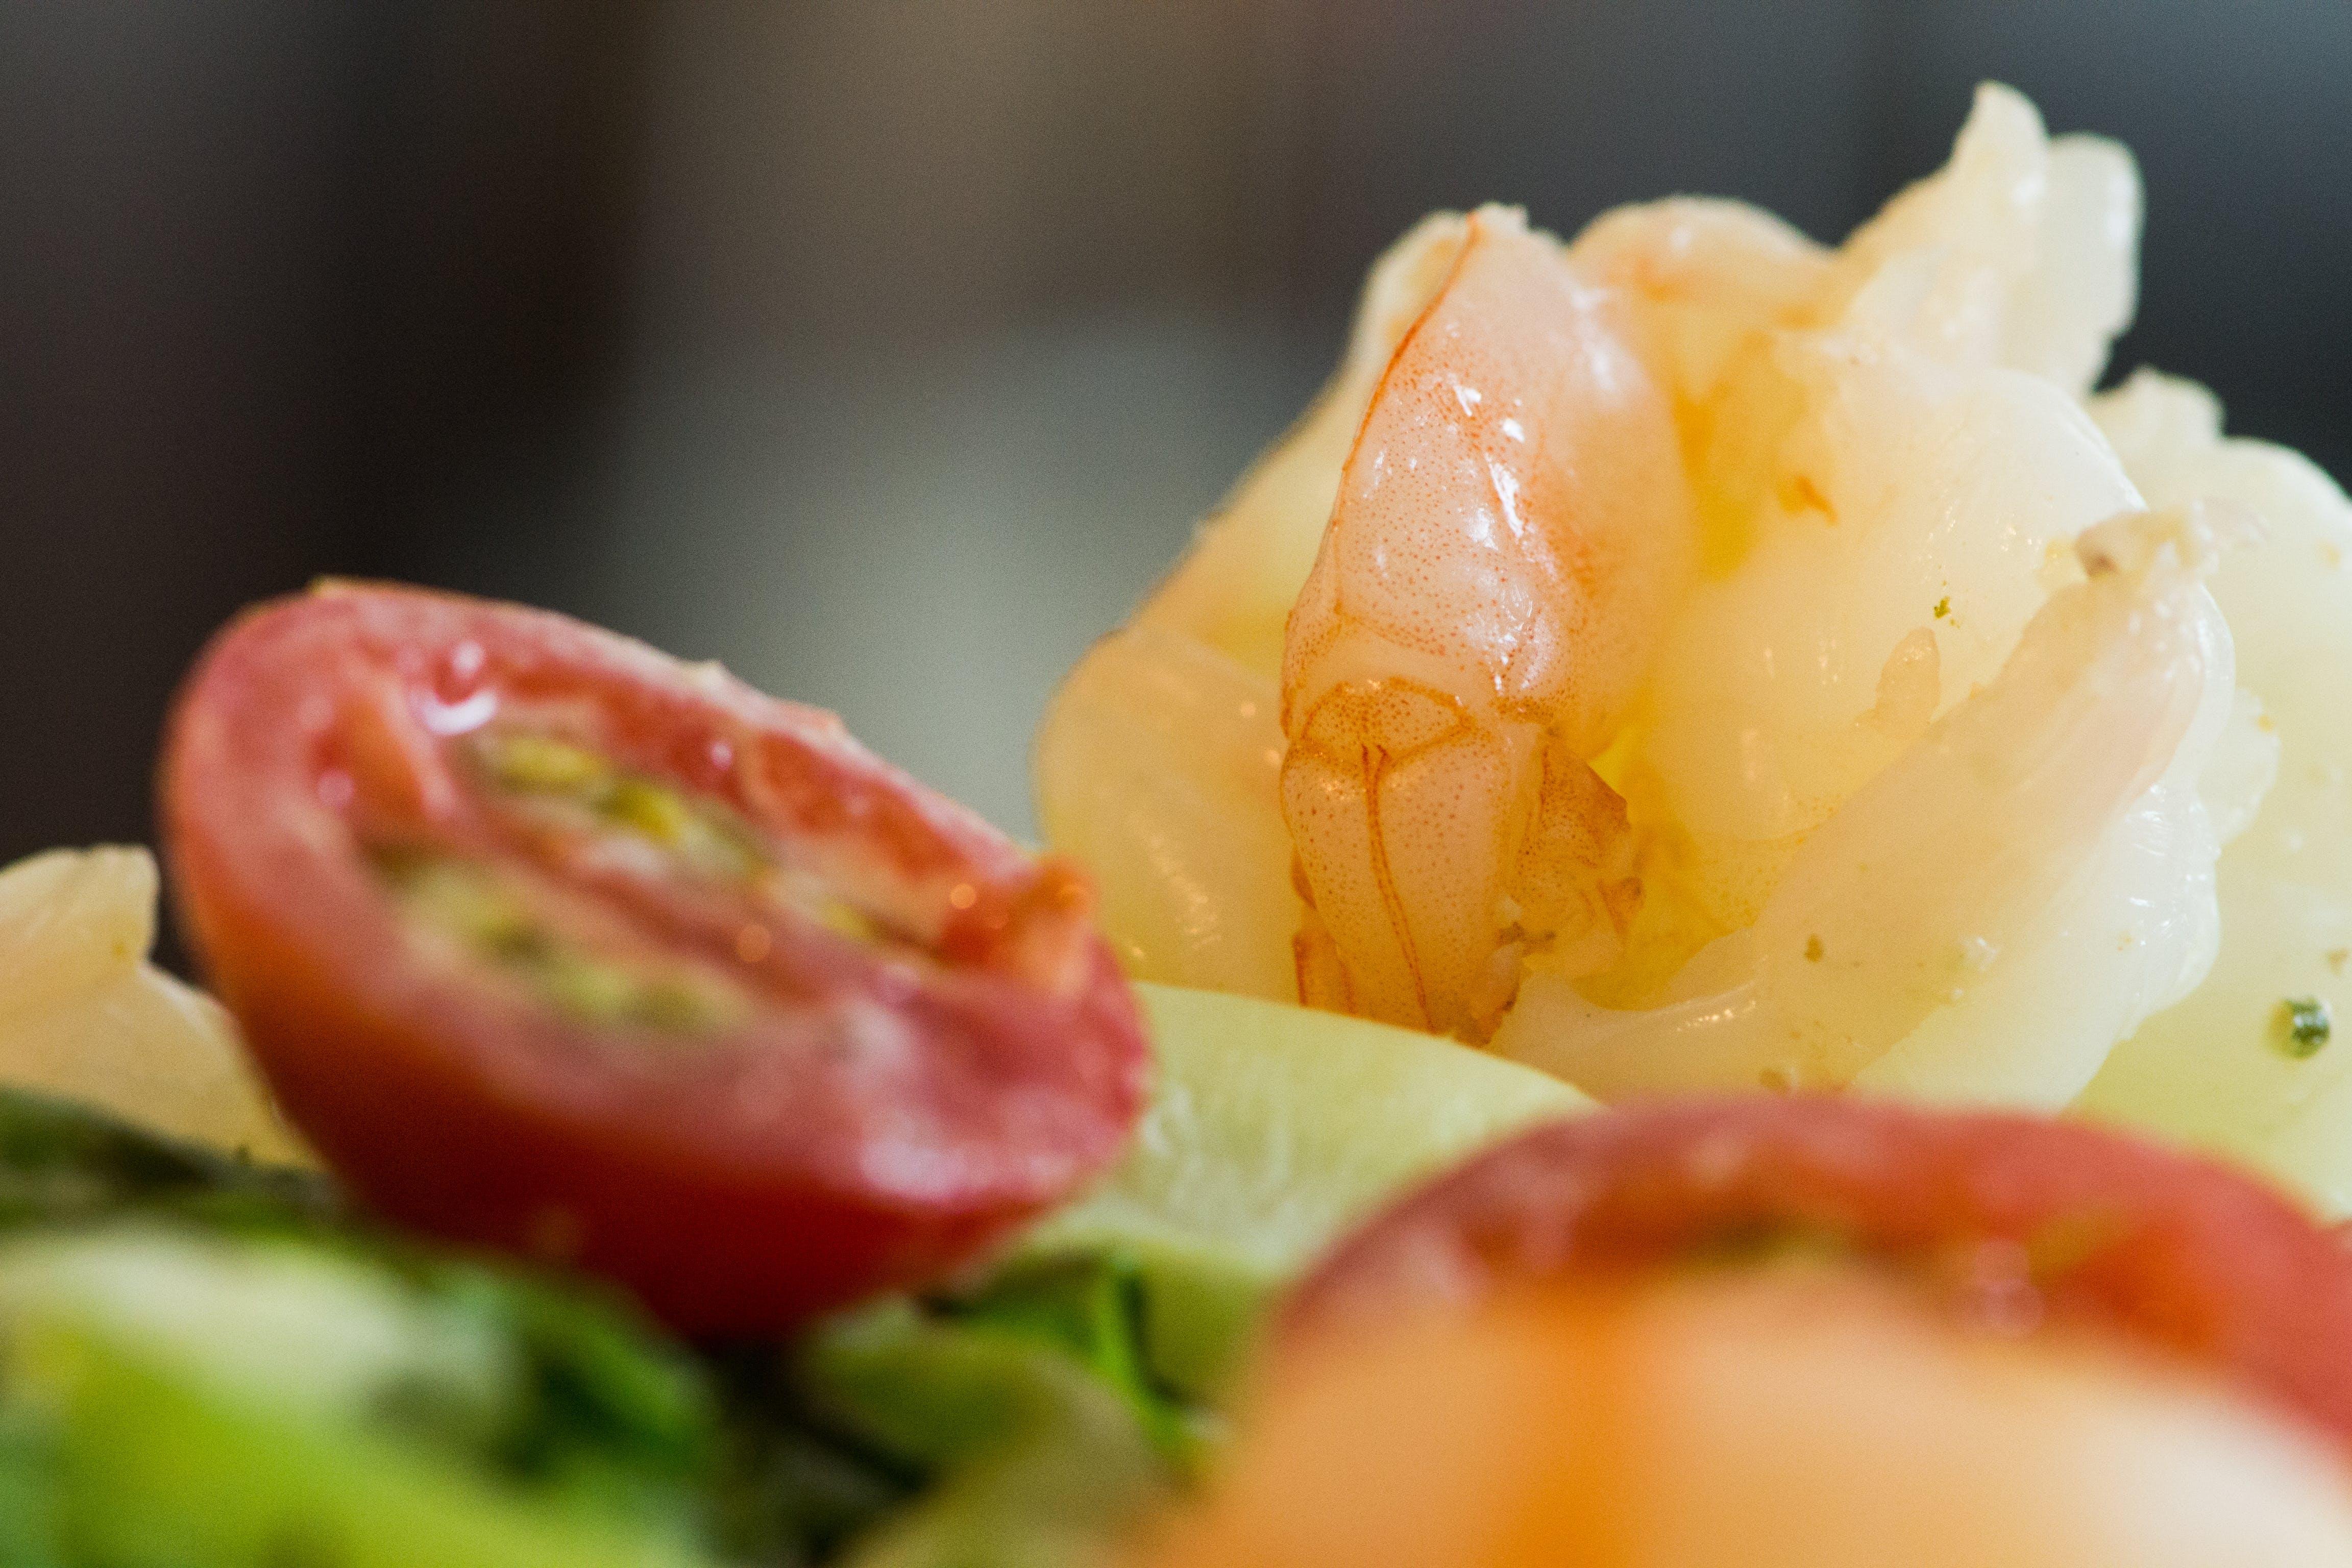 건강식품, 건강한 생활, 건강한 식단, 건강한 식습관의 무료 스톡 사진